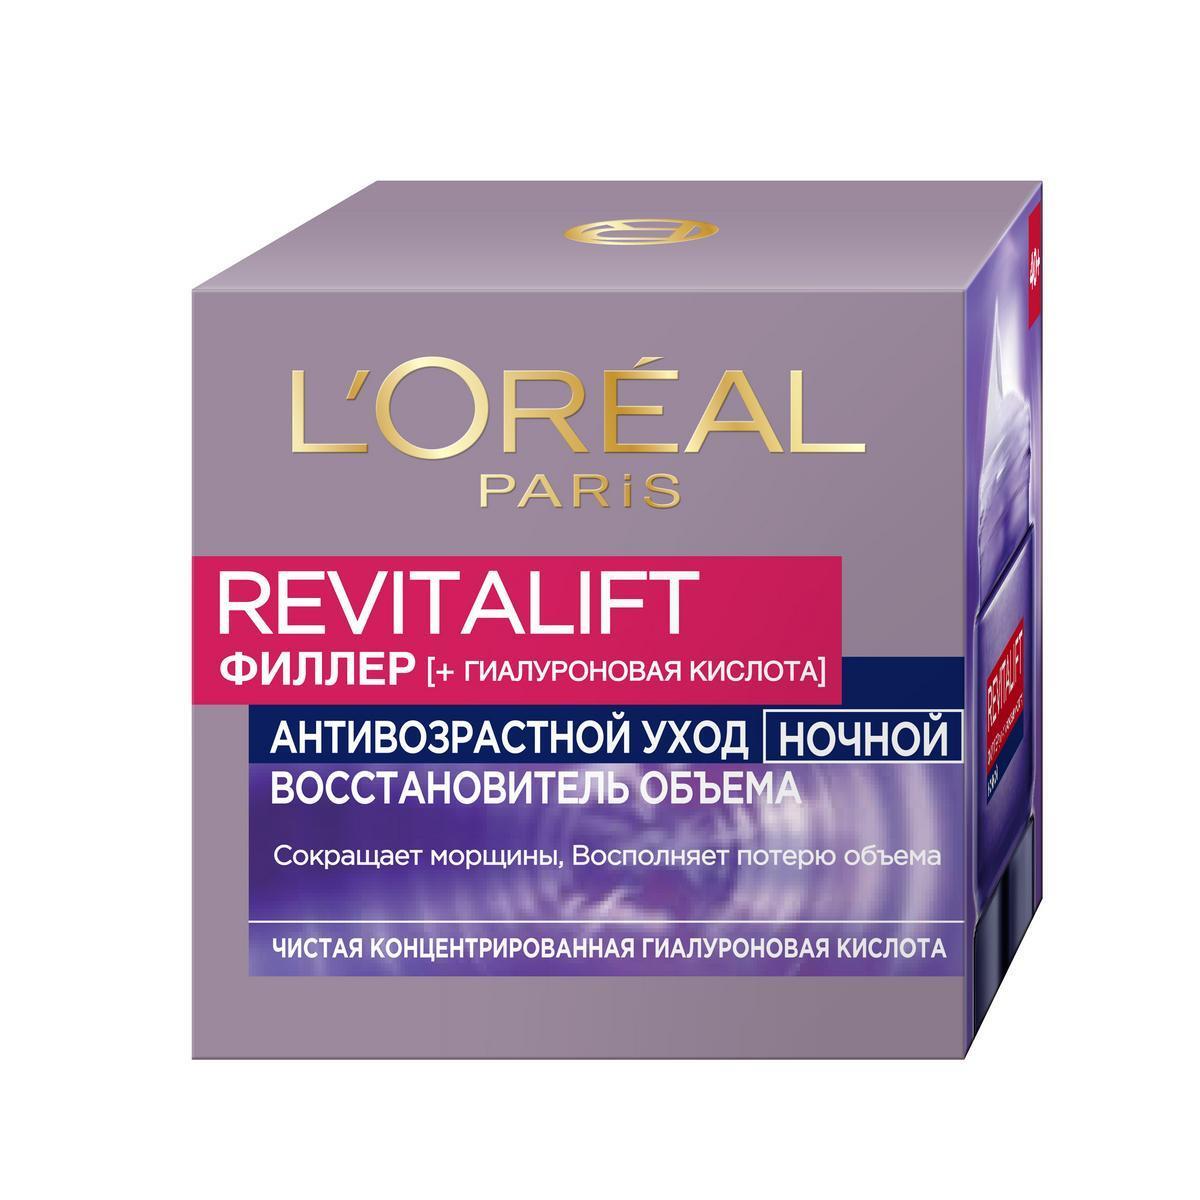 """L'Oreal Paris """"Revitalift Филлер [ha]"""" Ночной антивозрастной крем против морщин для лица, 50мл  #1"""